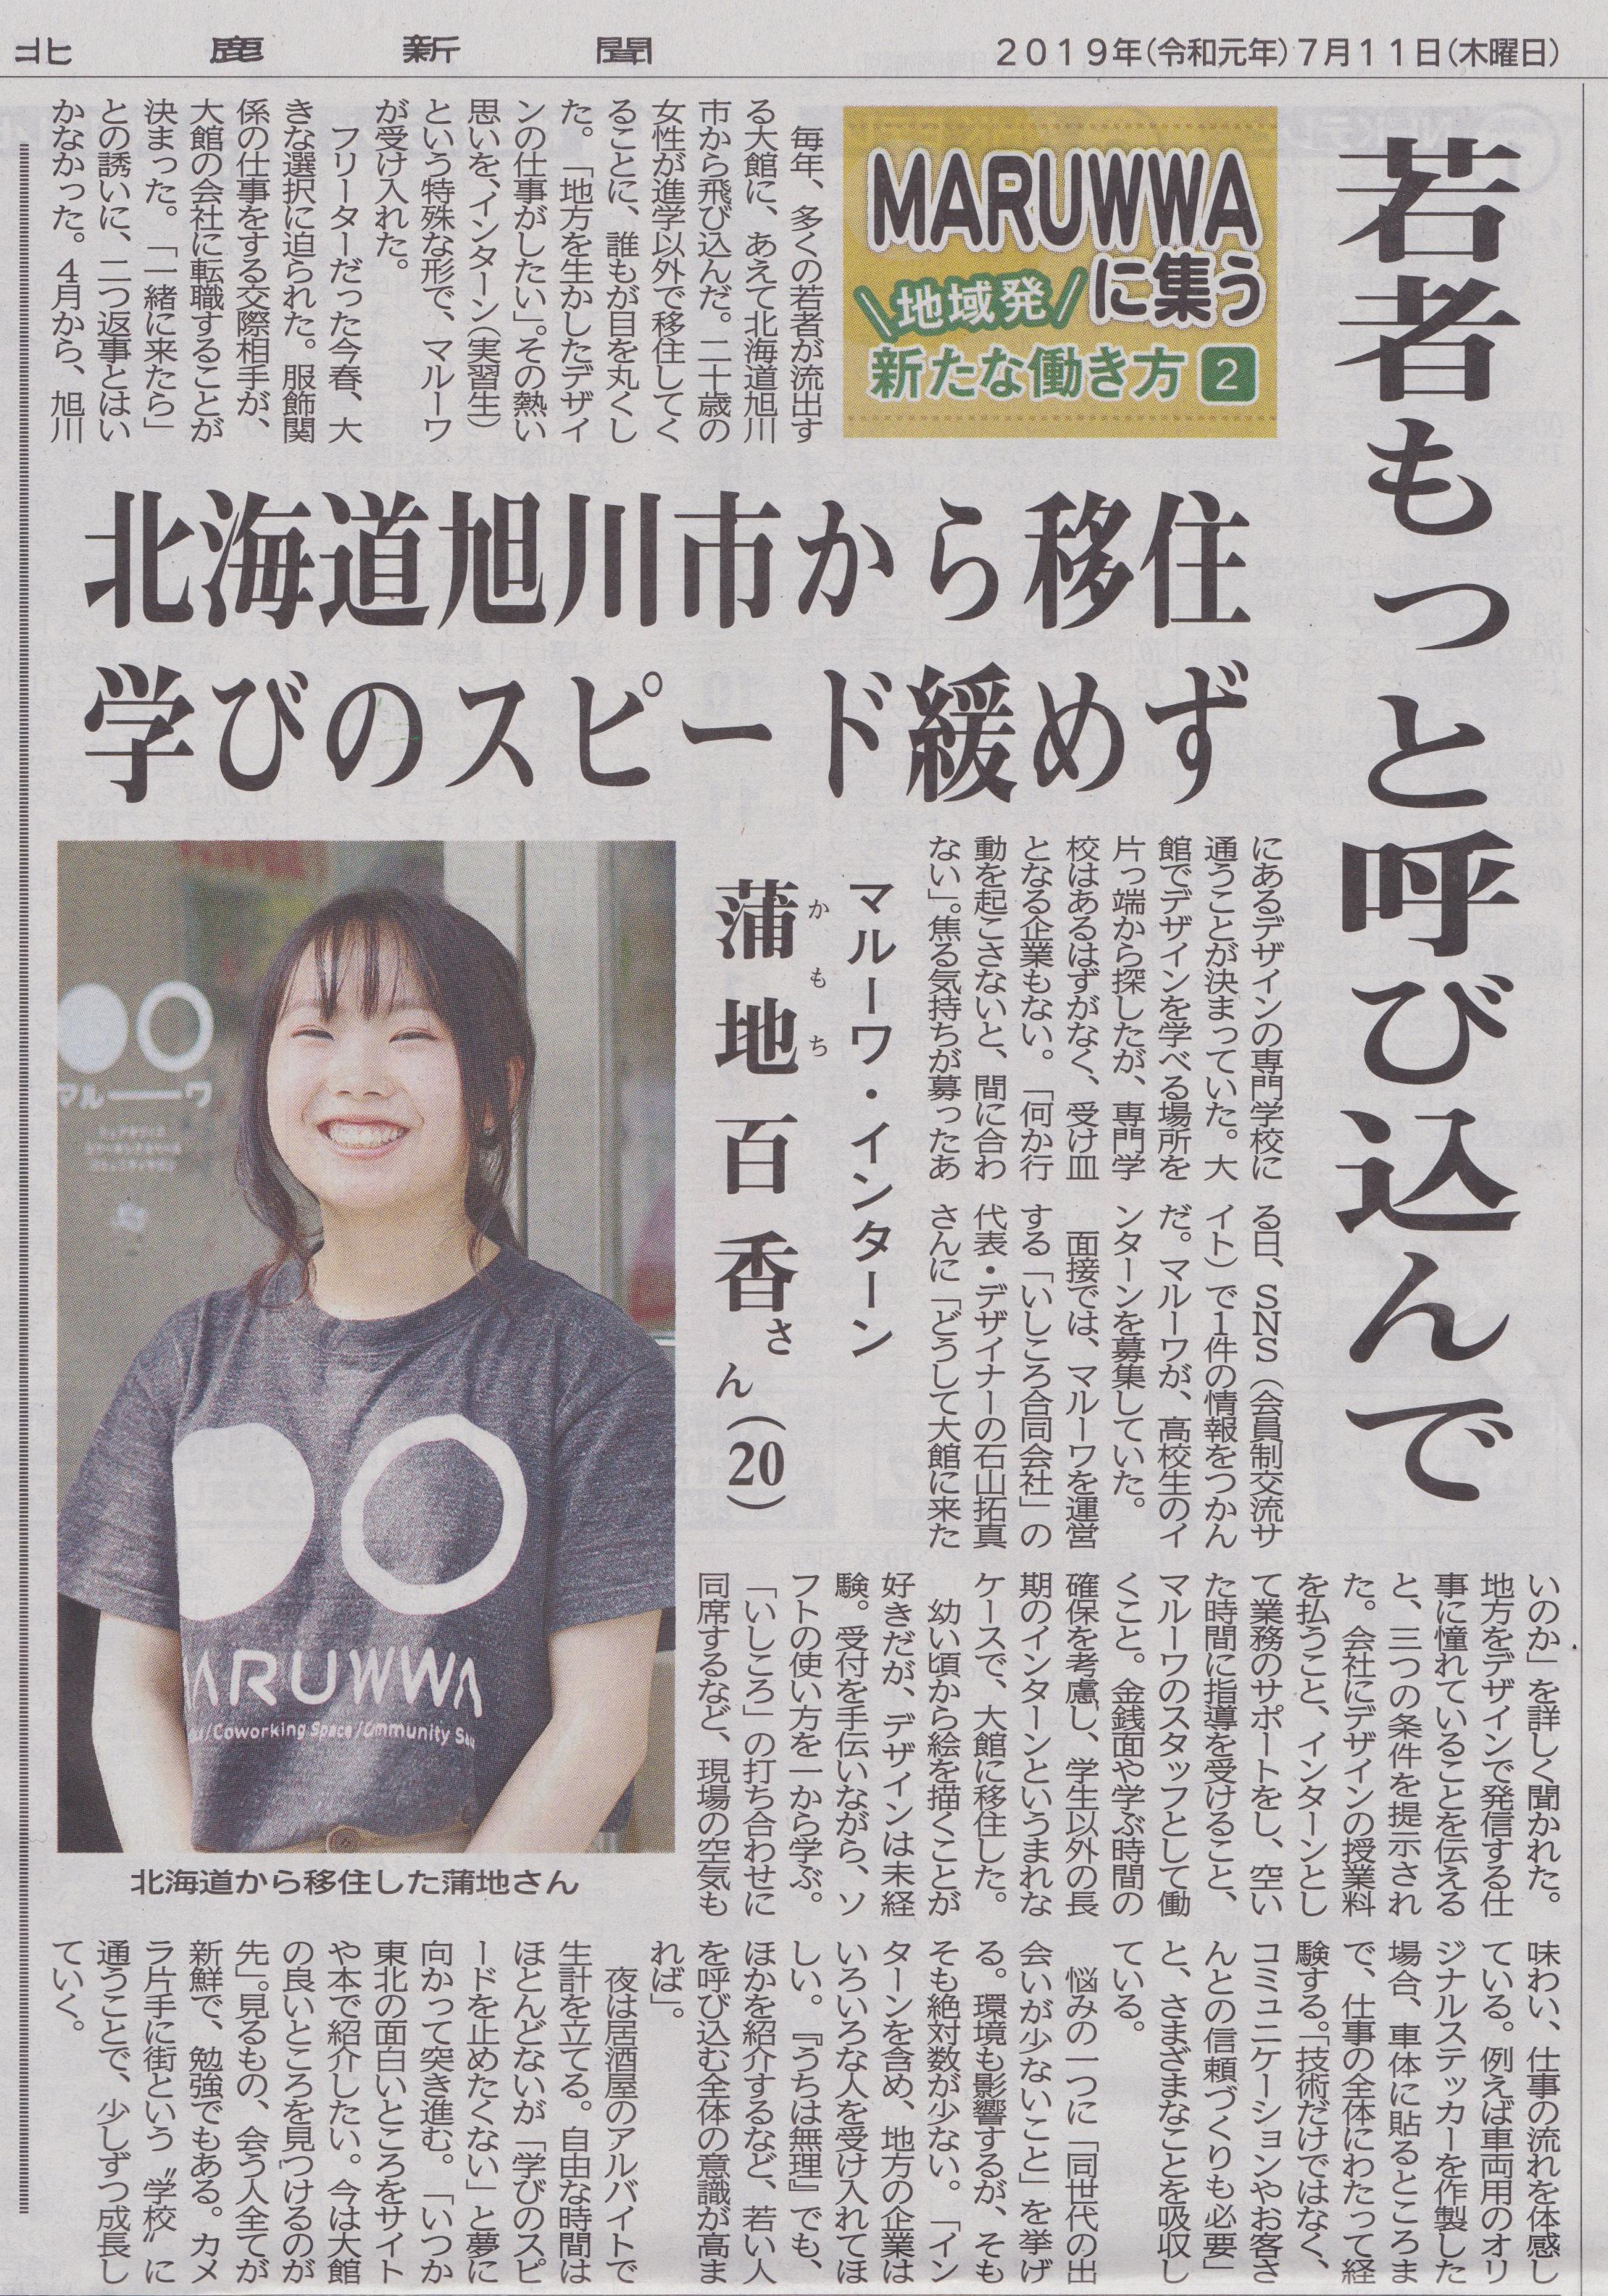 北鹿新聞「MARUWWAに集う 地域発 新たな働き方」2